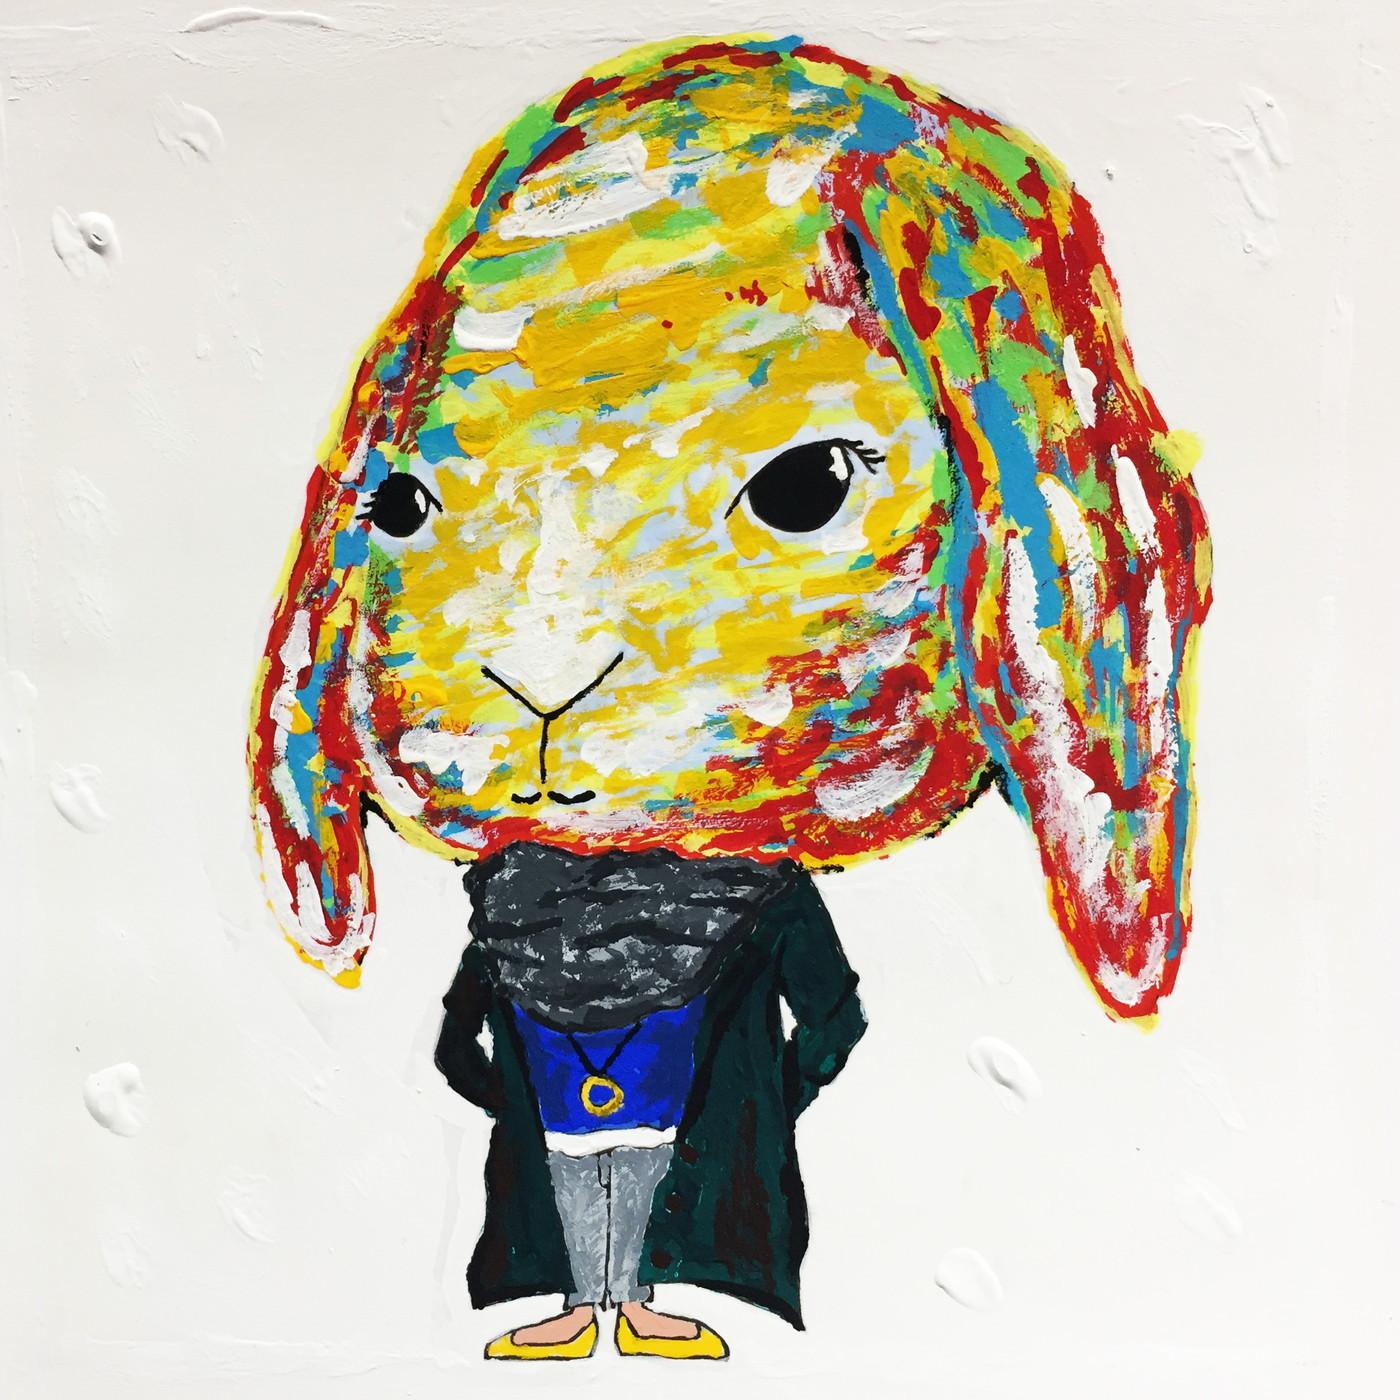 絵画 インテリア アートパネル 雑貨 壁掛け 置物 おしゃれ アクリル画 イラスト ウサギ 動物 ロココロ 画家 : yuki 作品 : 優艶